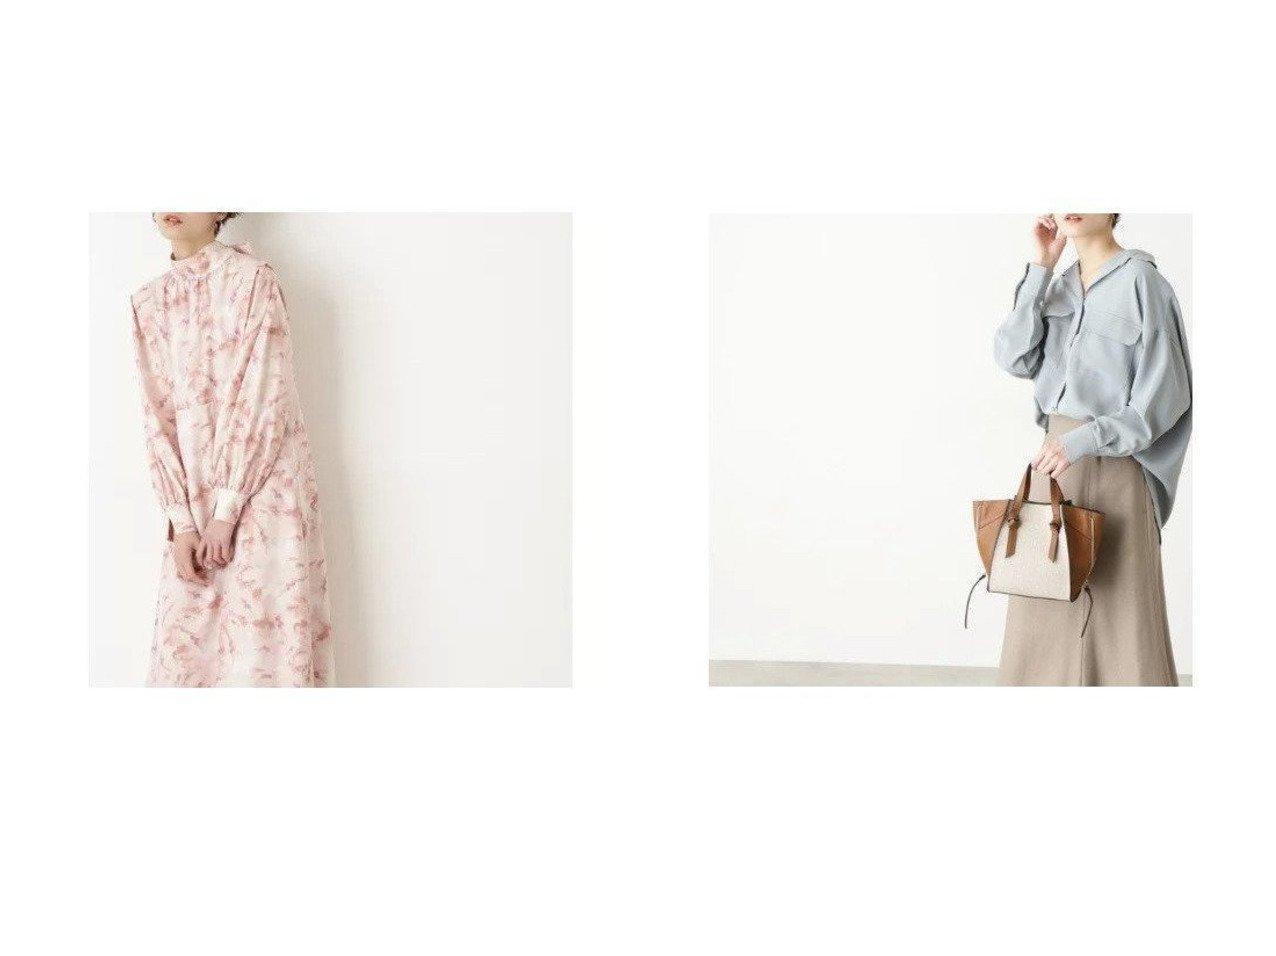 【N.Natural Beauty basic/エヌ ナチュラルビューティーベーシック】のマーブルボウタイワンピース&ポケットスキッパーシャツ NATURAL-BEAUTY-BASICのおすすめ!人気、トレンド・レディースファッションの通販  おすすめで人気の流行・トレンド、ファッションの通販商品 メンズファッション・キッズファッション・インテリア・家具・レディースファッション・服の通販 founy(ファニー) https://founy.com/ ファッション Fashion レディースファッション WOMEN ワンピース Dress トップス Tops Tshirt シャツ/ブラウス Shirts Blouses バランス マーブル リボン スキッパー スリット ポケット |ID:crp329100000019317